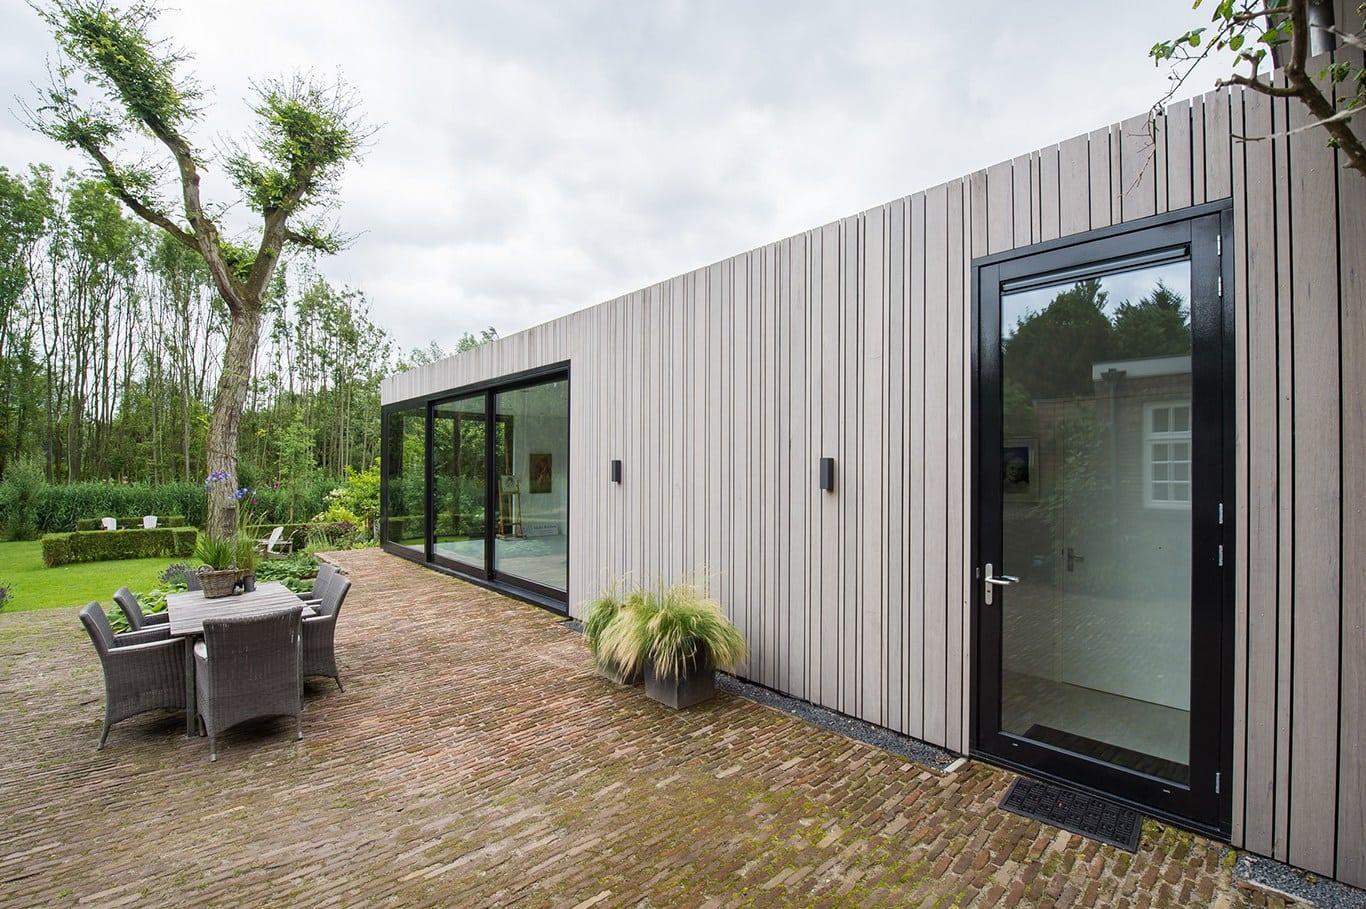 Atelier voor portretschilder in Breda. Vanuit de woning kijk je door de grote glazen deuren richting tuin achter het atelier. Dit geeft meer lucht en breedte aan de tuin die nu overblijft direct achter de woning en naast het atelier. Dit was anders te massief geworden.